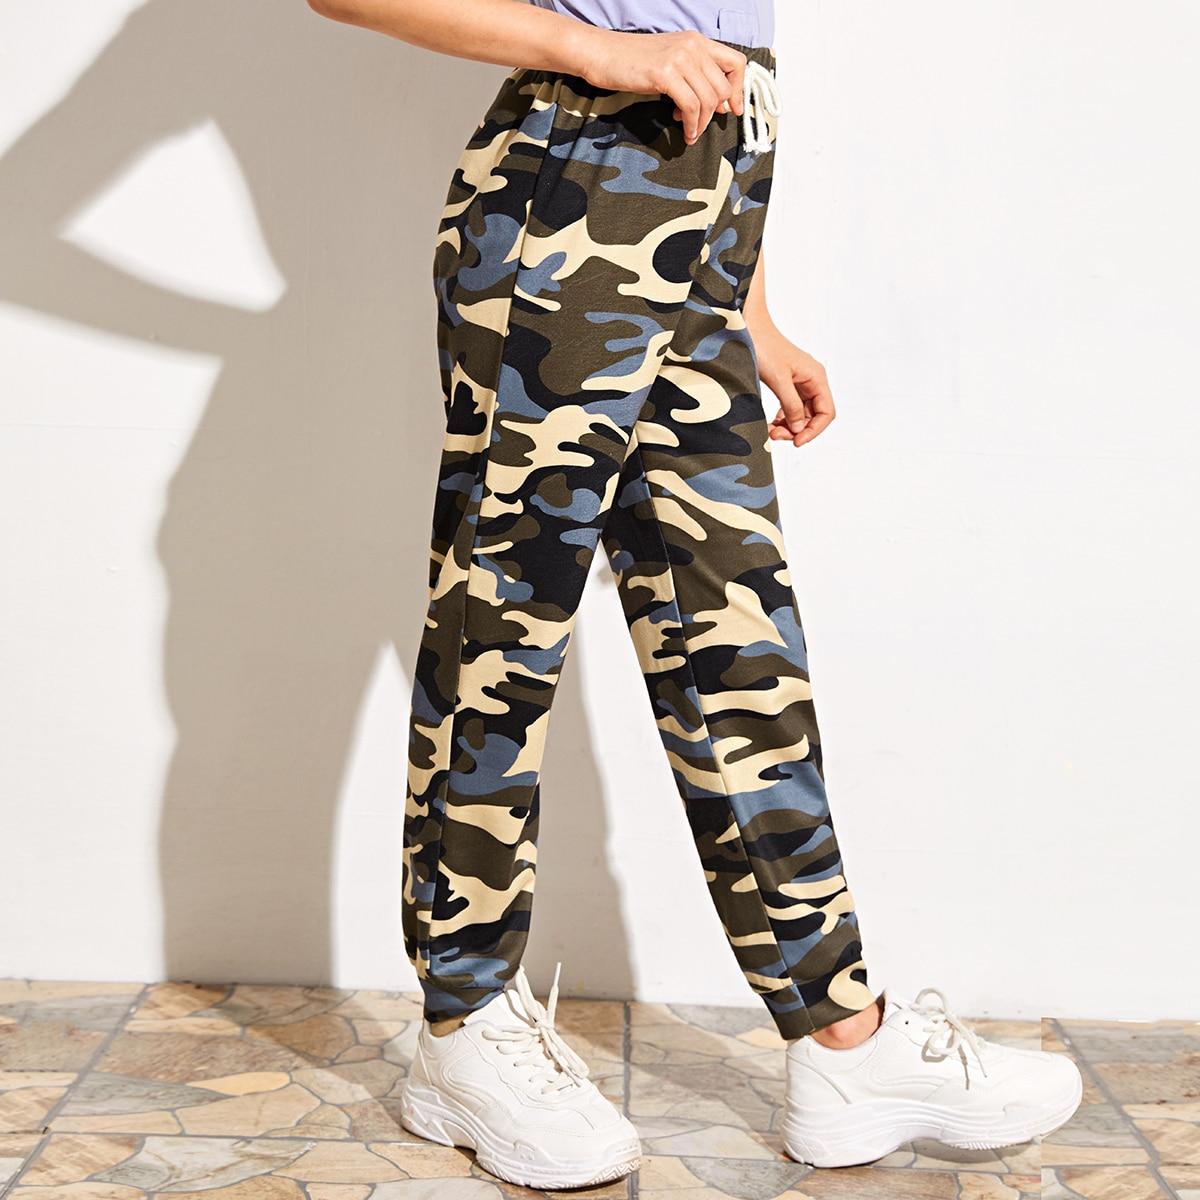 SHEIN / Jogginghose mit Taillenband und Camo Muster